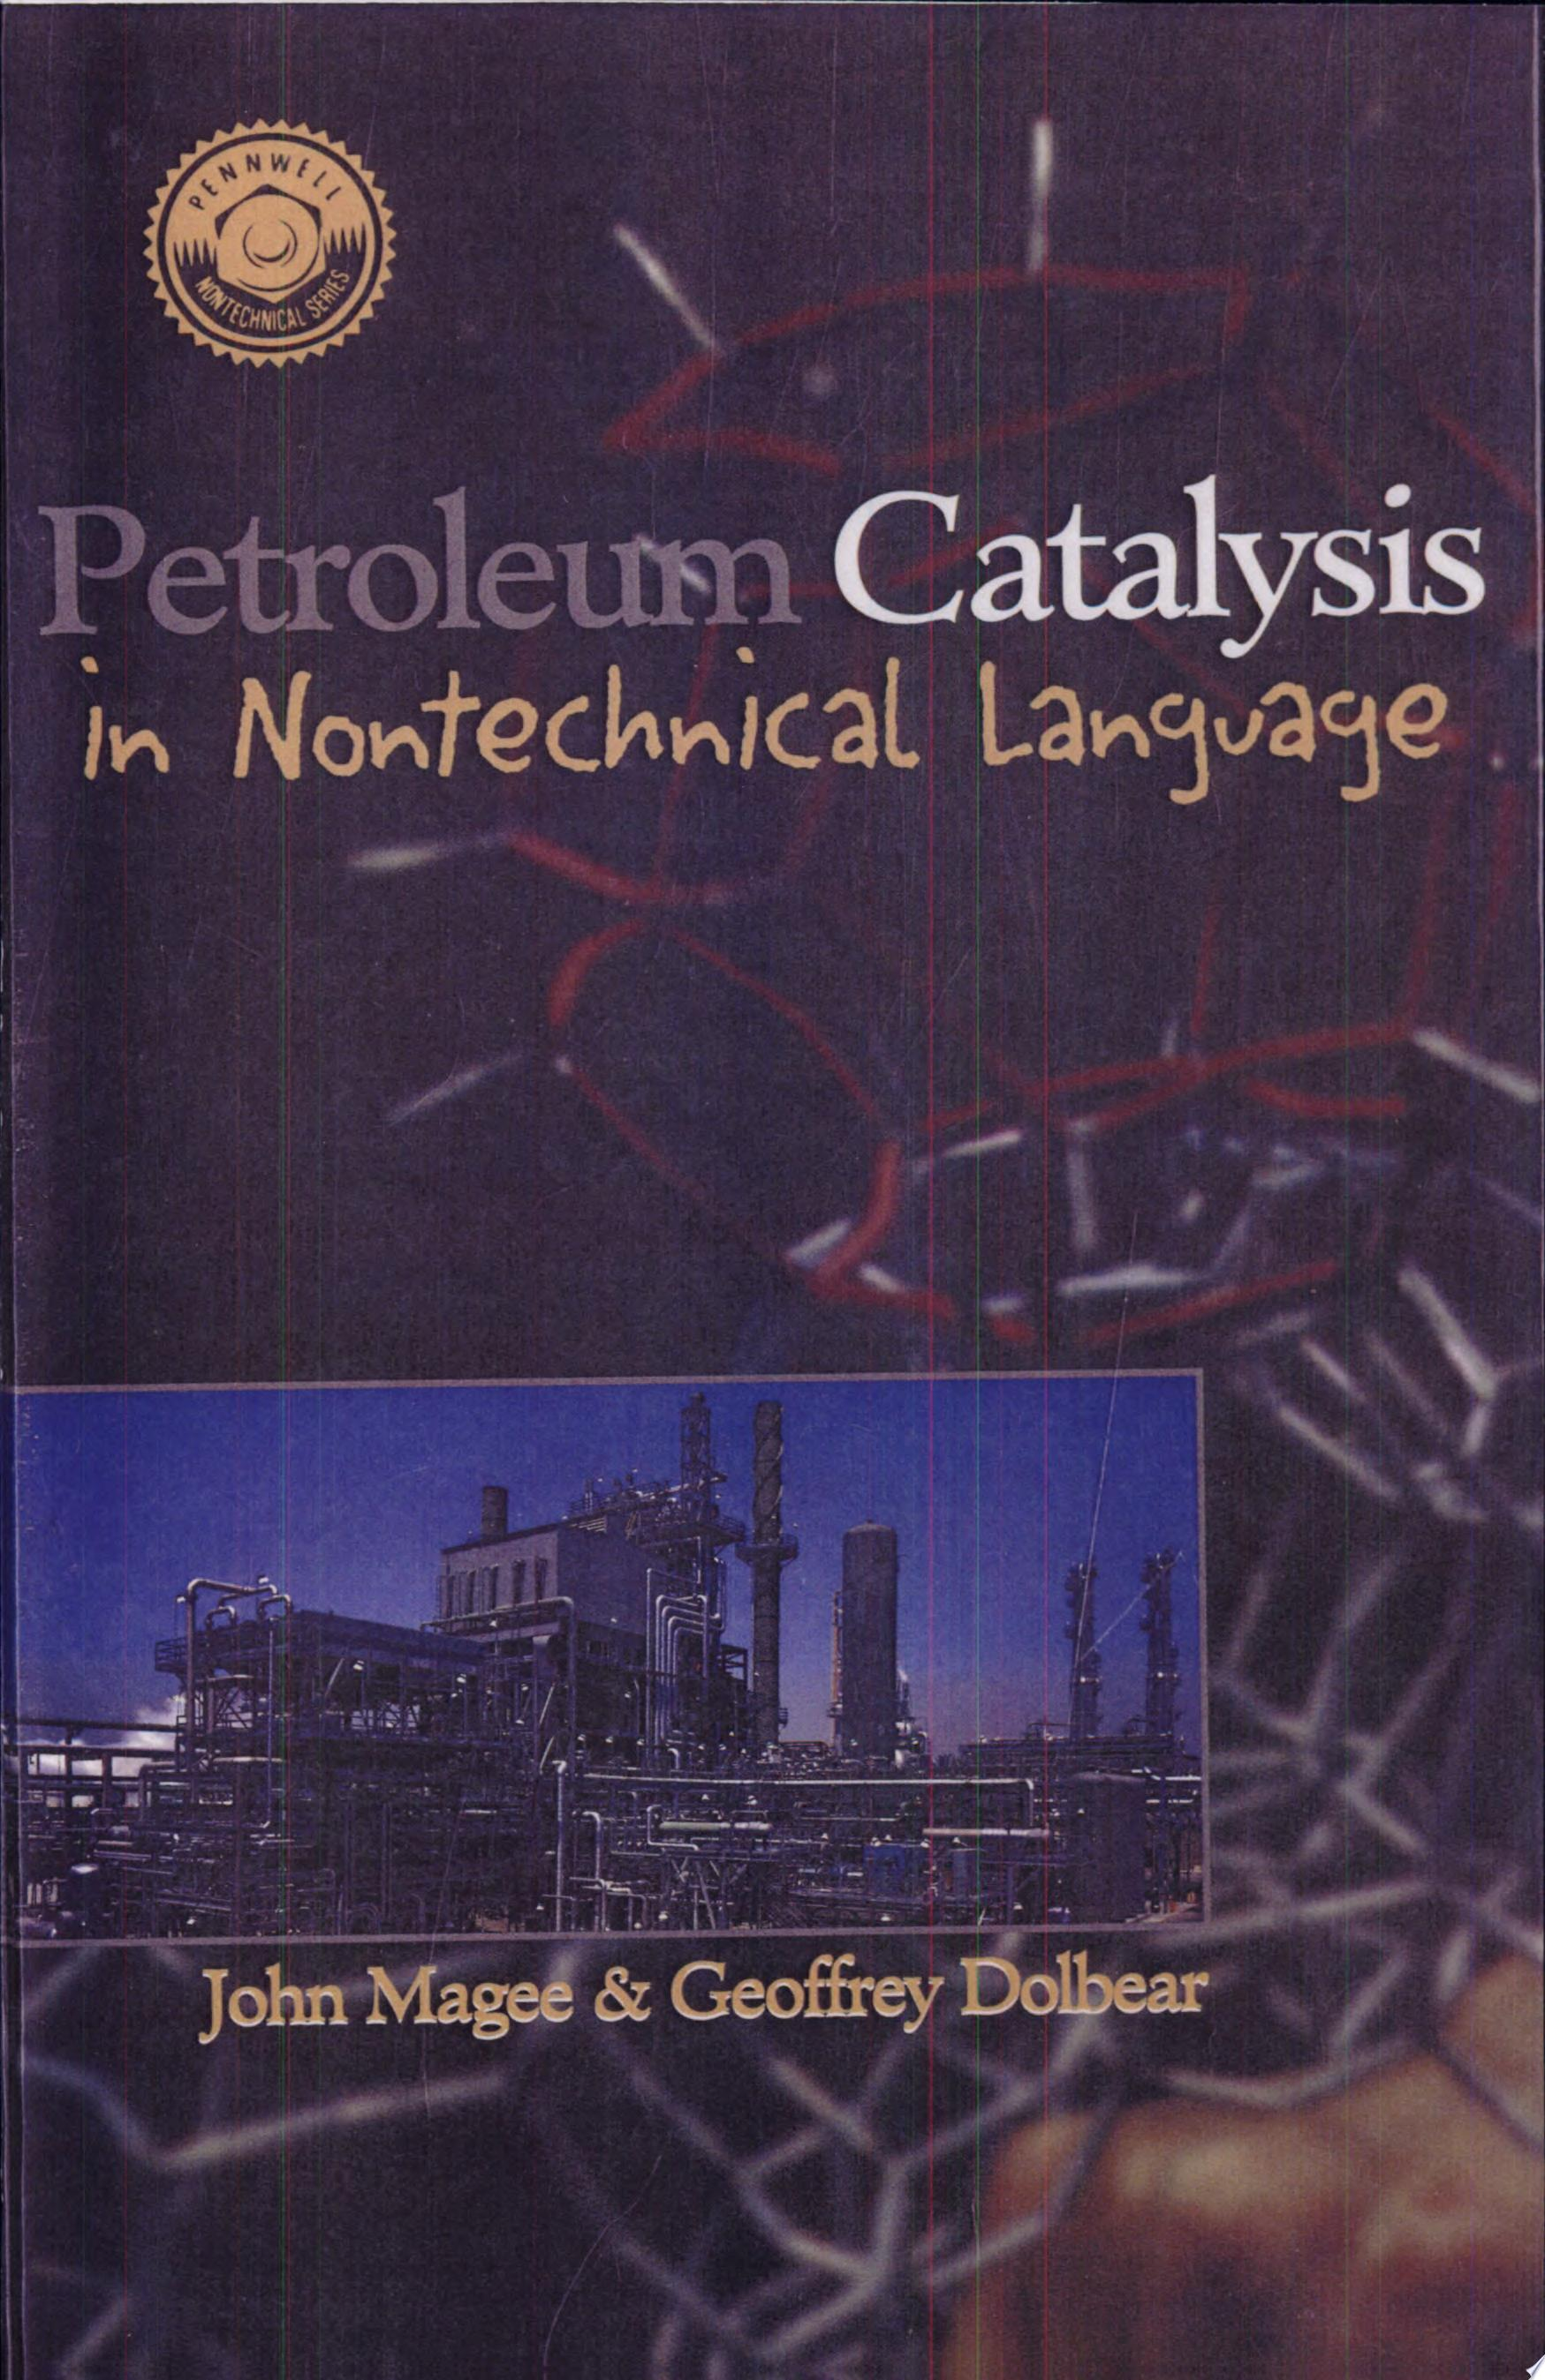 Petroleum Catalysis in Nontechnical Language